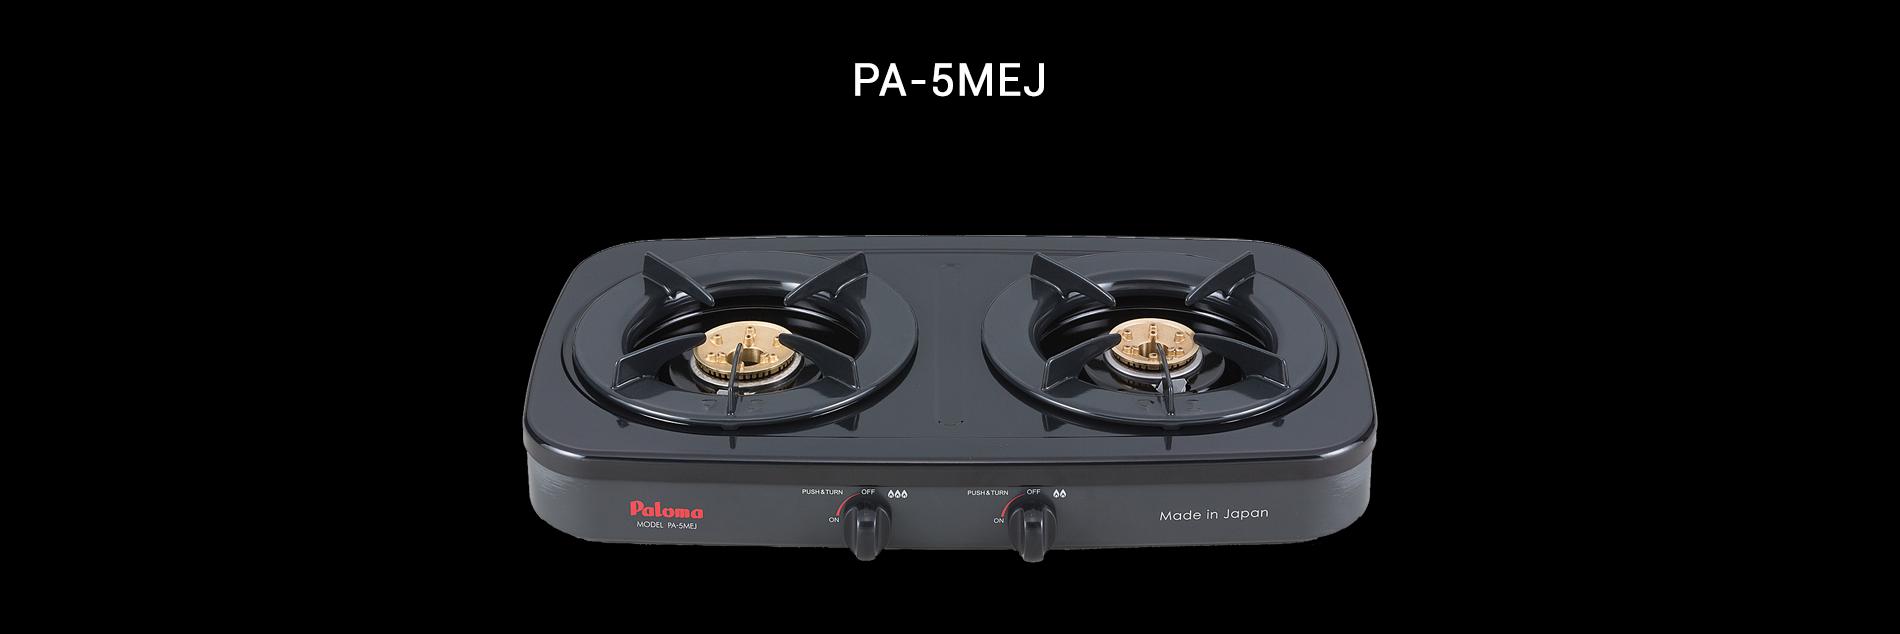 PA-5MEJ